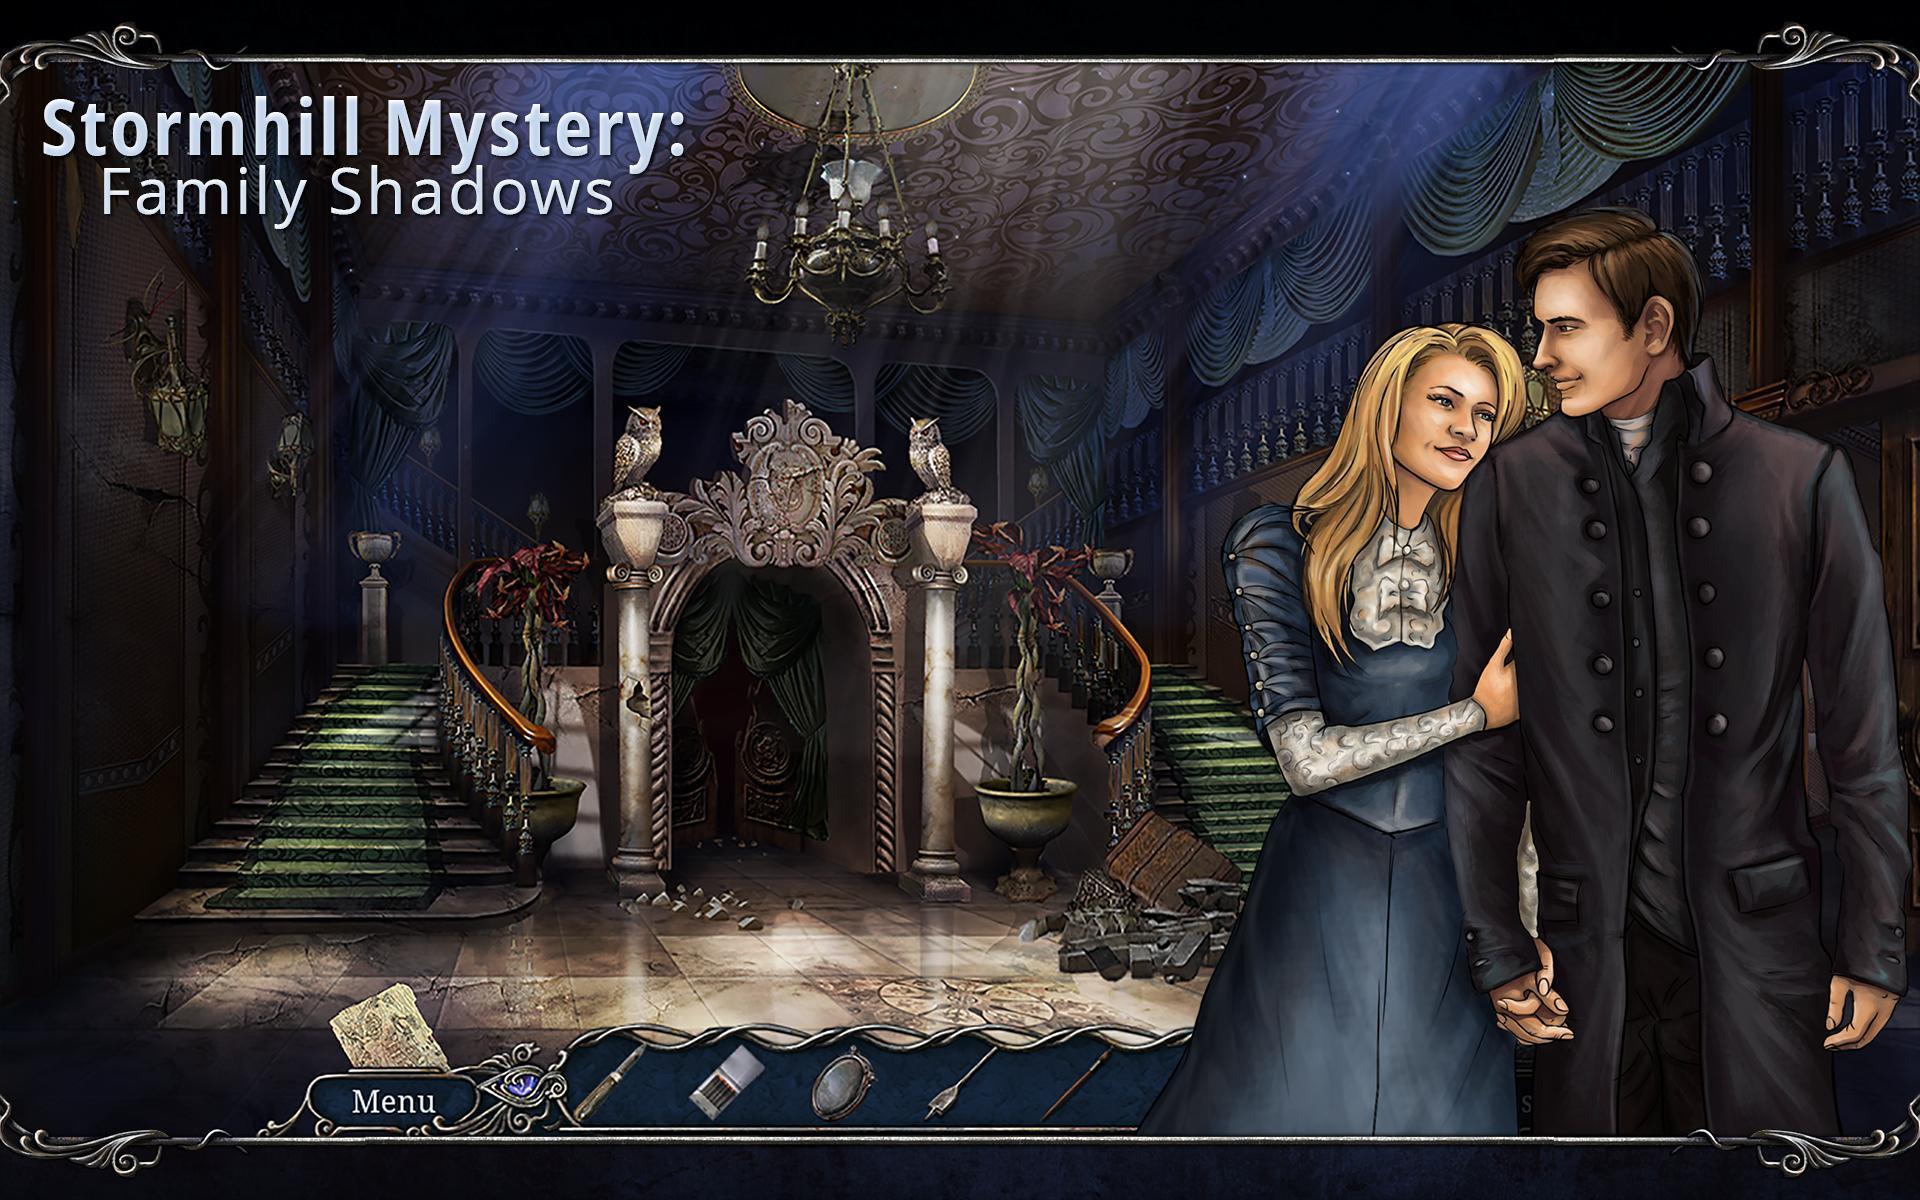 Stormhill Mystery: Family Shadows 1.1 Screenshot 15